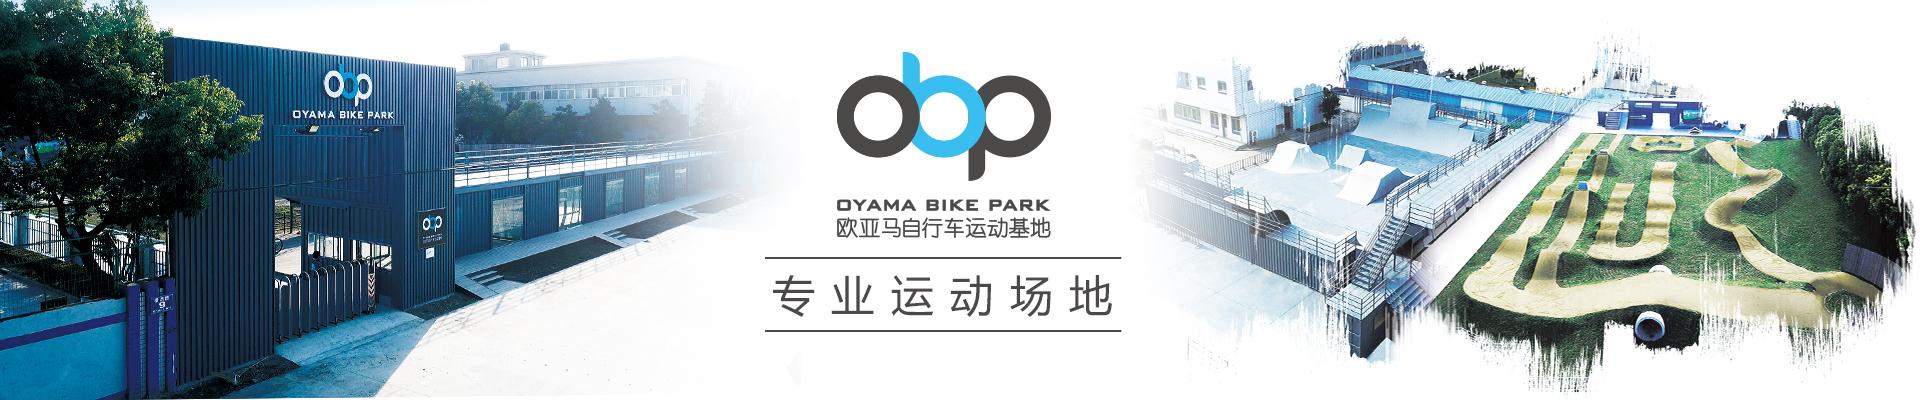 obp推广(1)